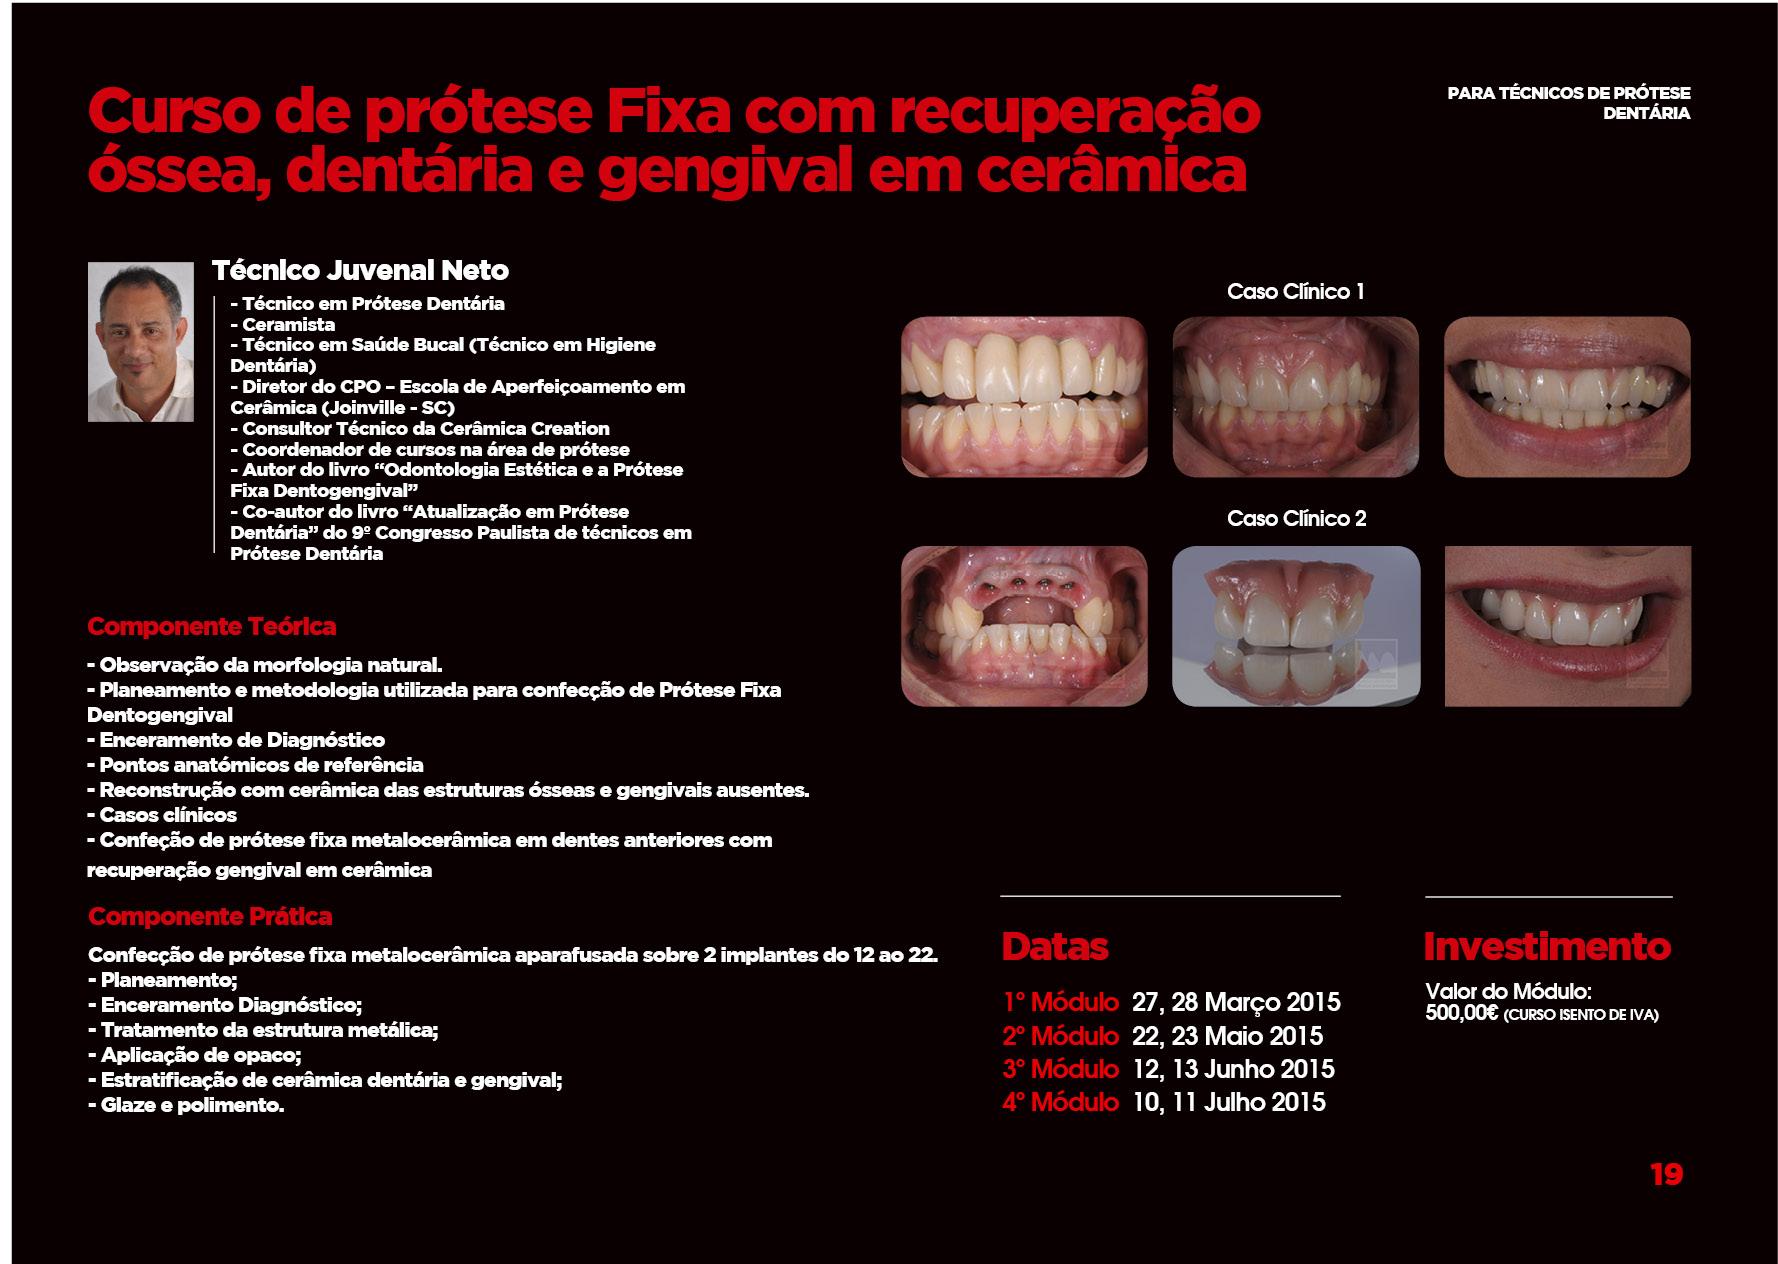 Curso de Prótese Fixa com recuperaçao Óssea, dentára e gengival em cerâmica - Maxillaris